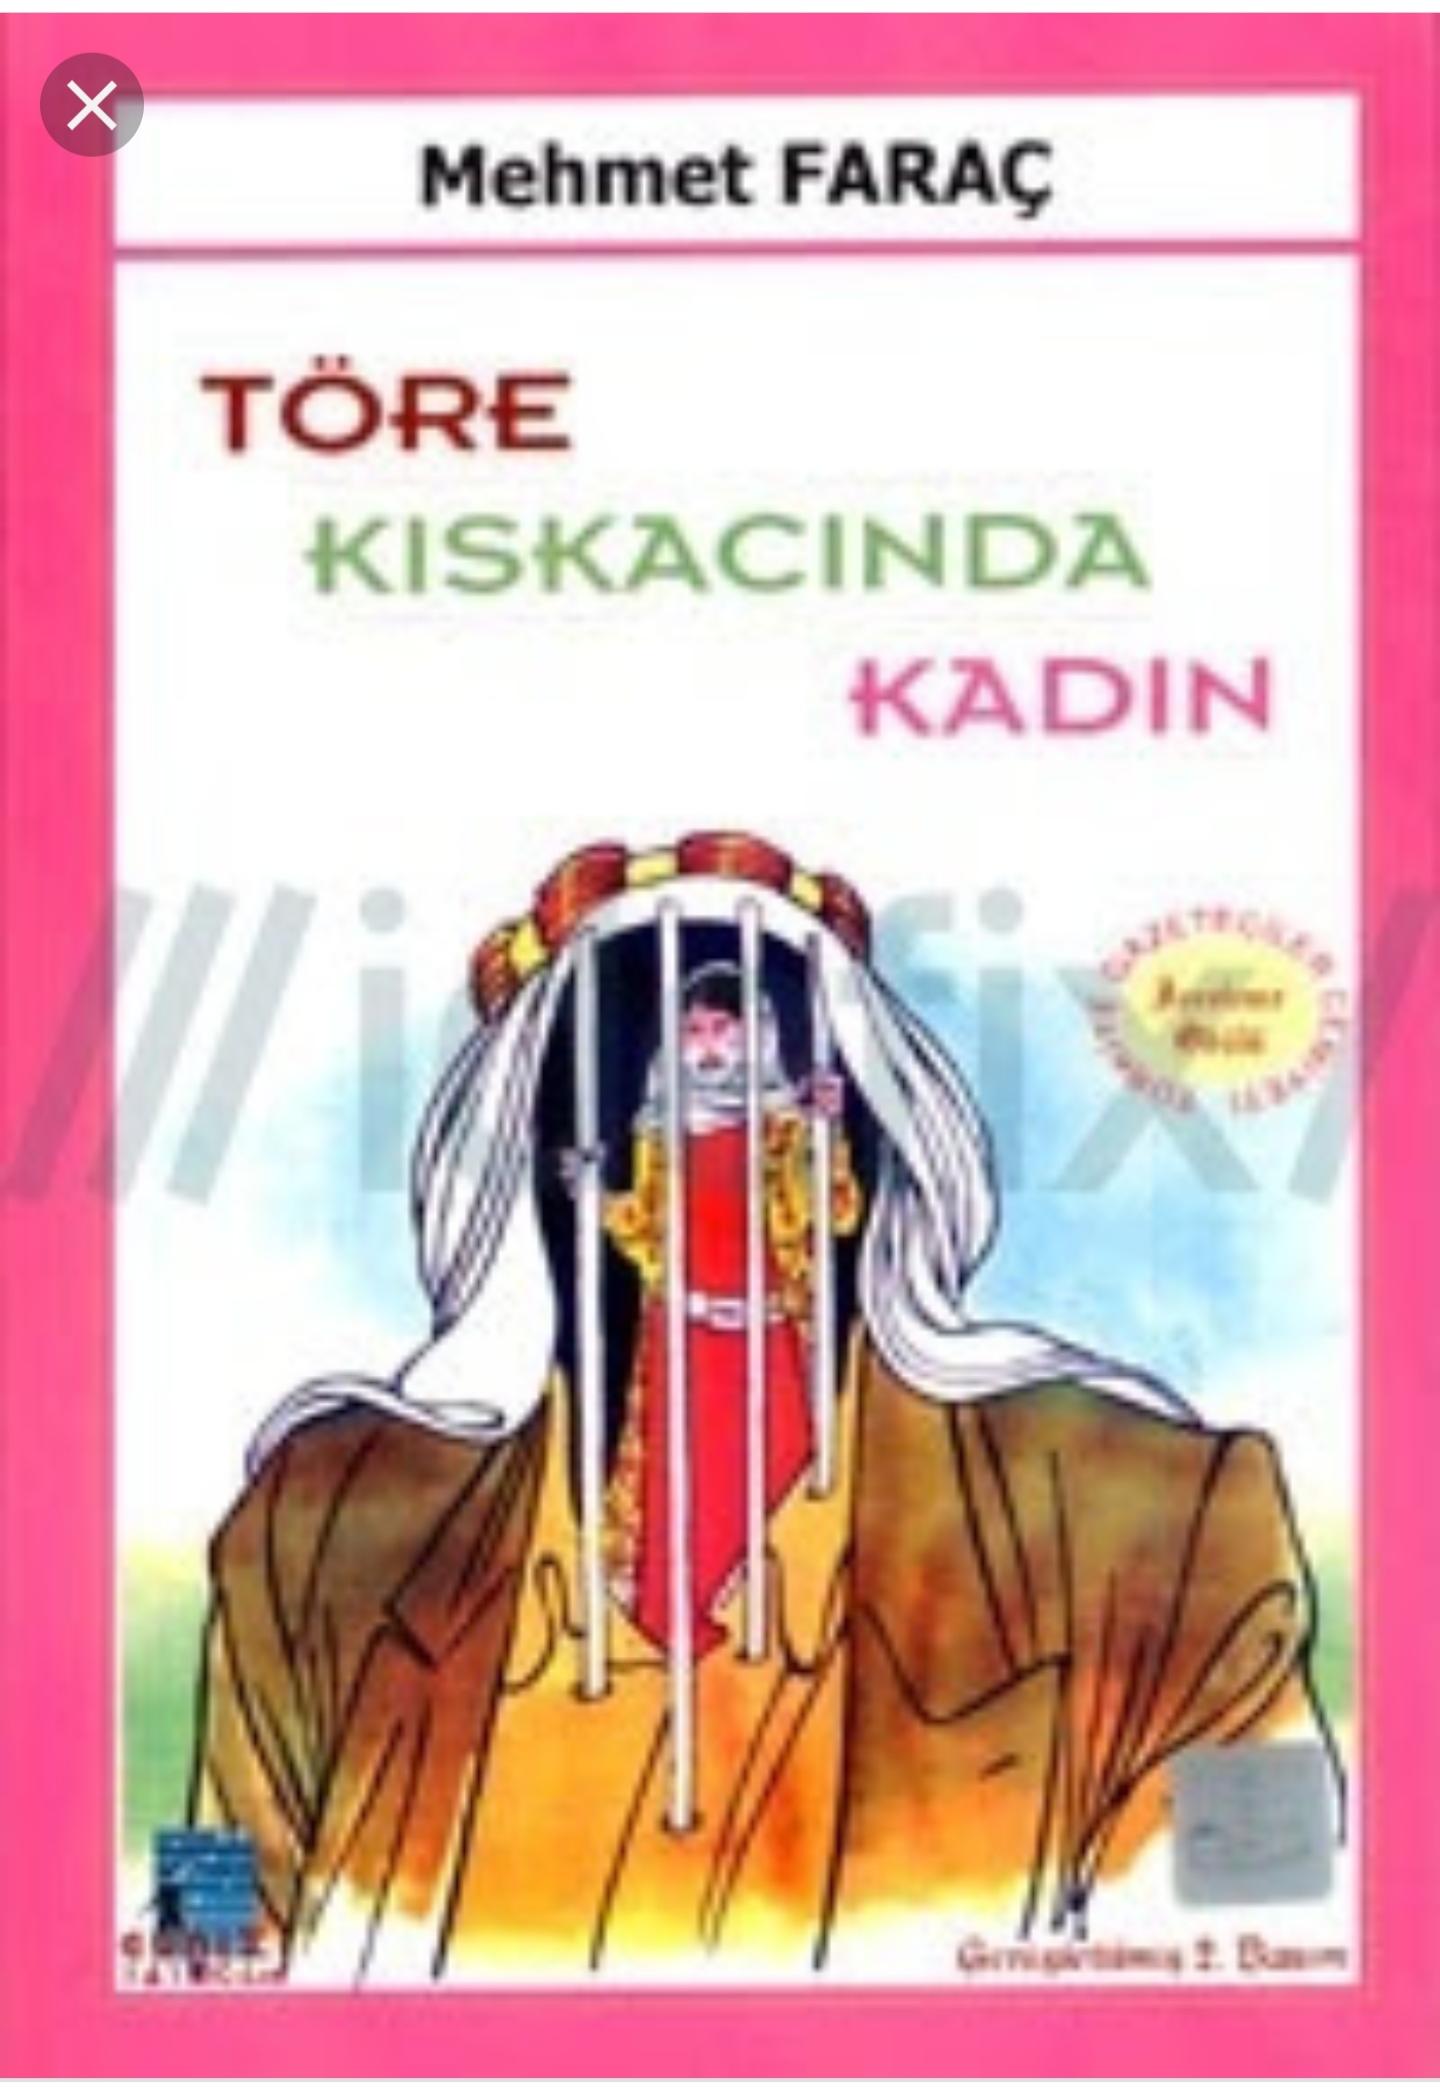 tore-001.jpg